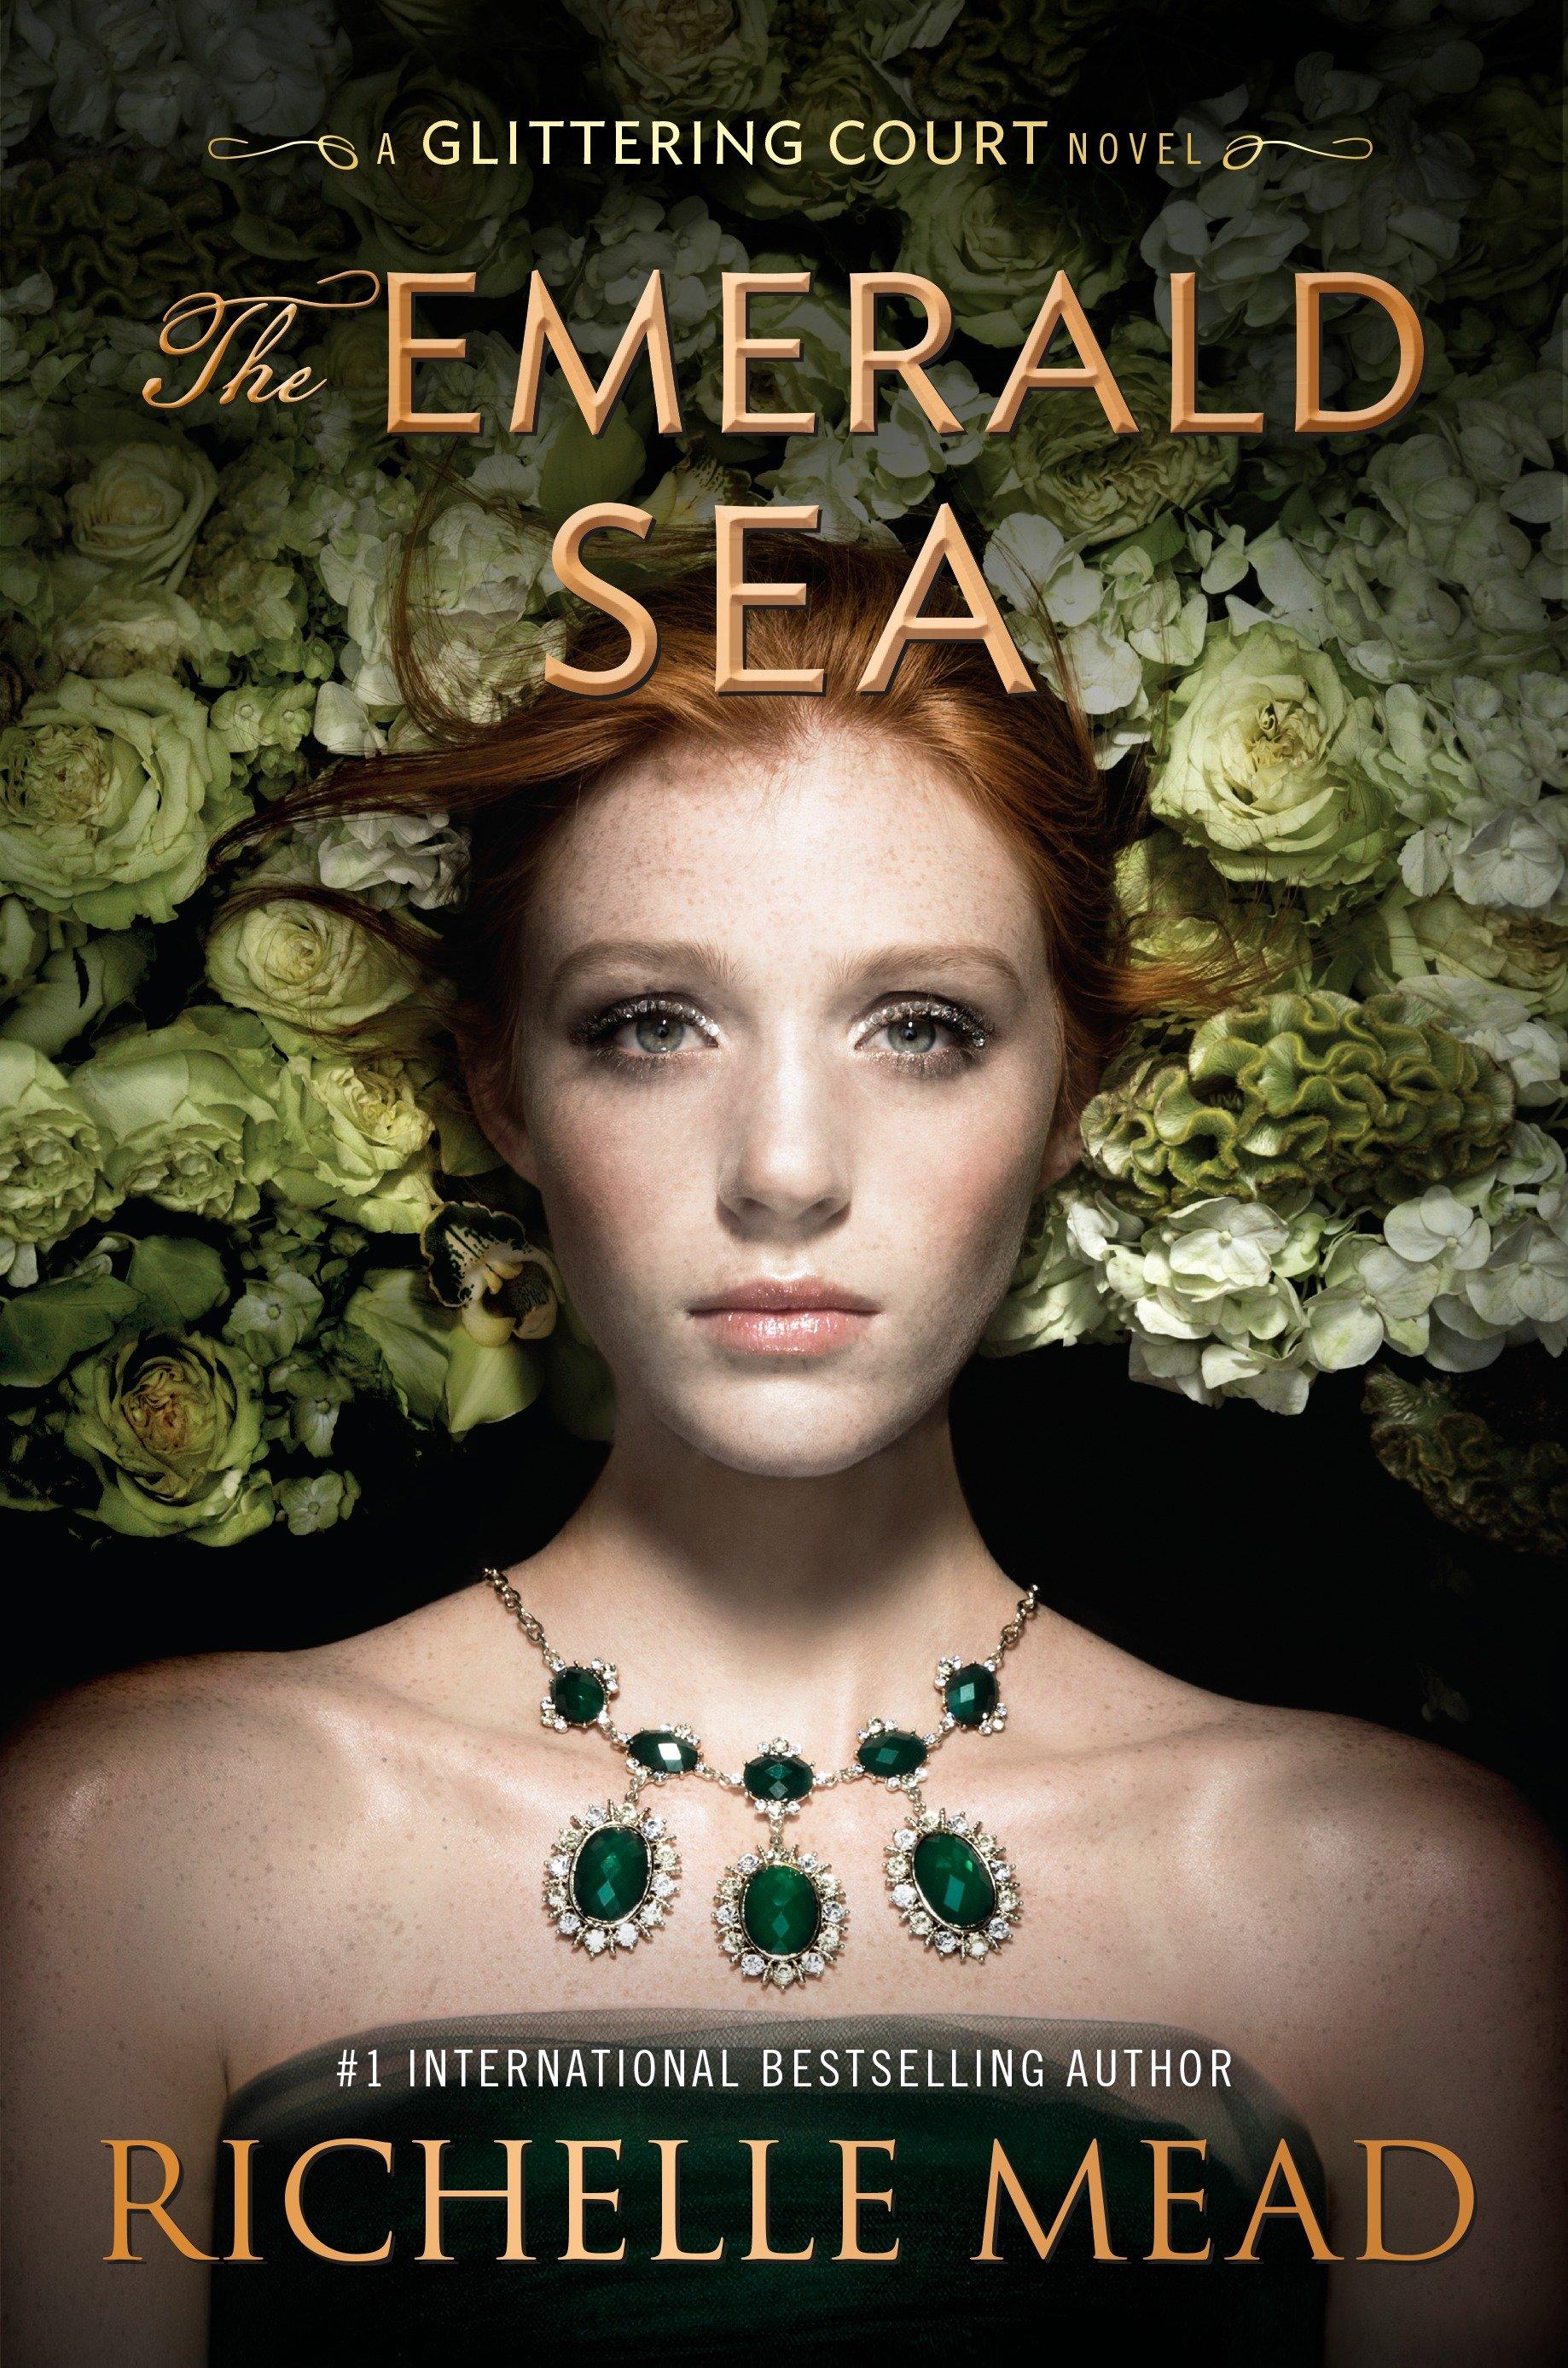 The emerald sea cover image